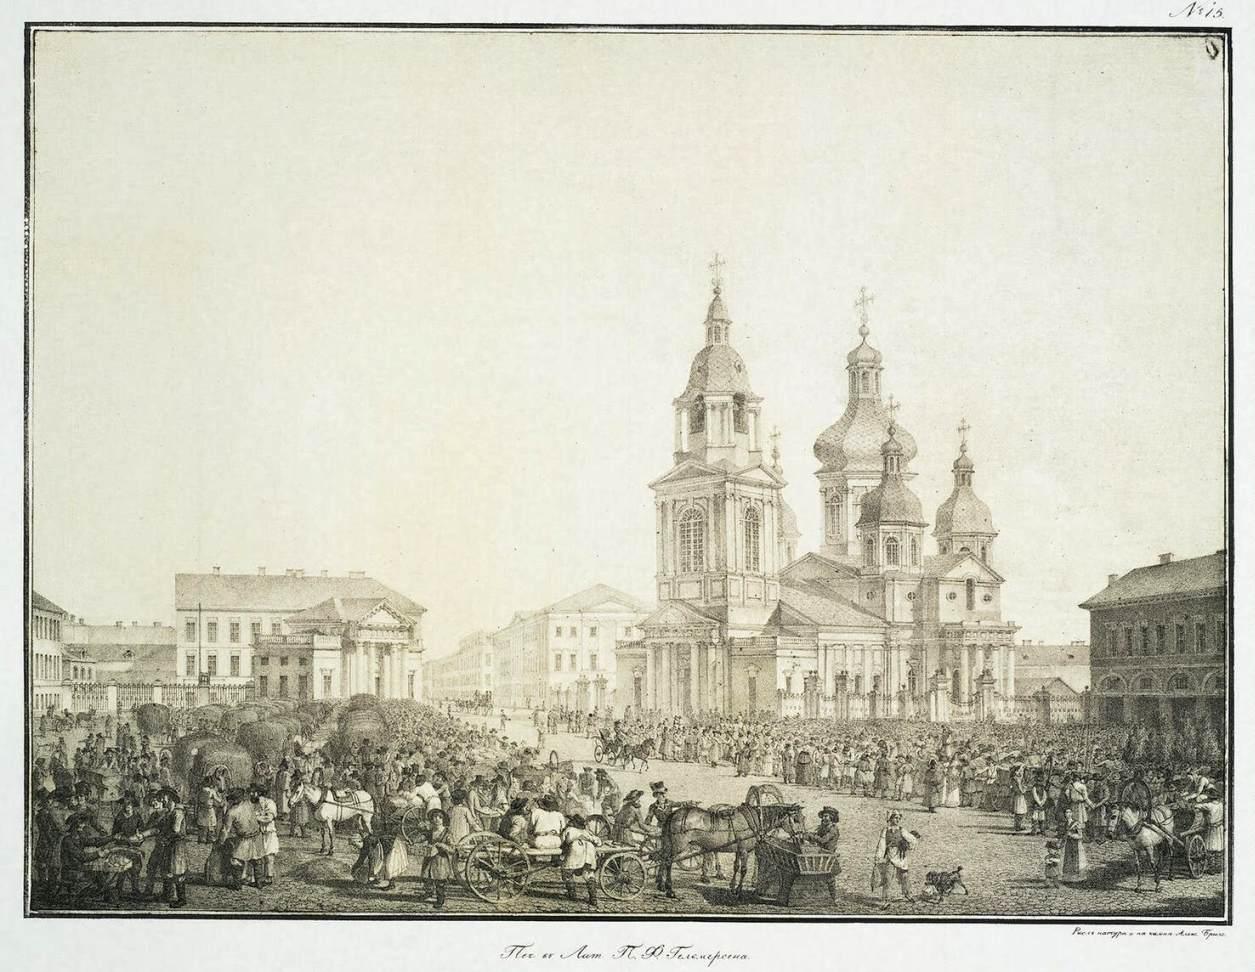 https://upload.wikimedia.org/wikipedia/commons/e/e7/Alexander_Brullov_-_Sennaya_Square_-_WGA03670.jpg